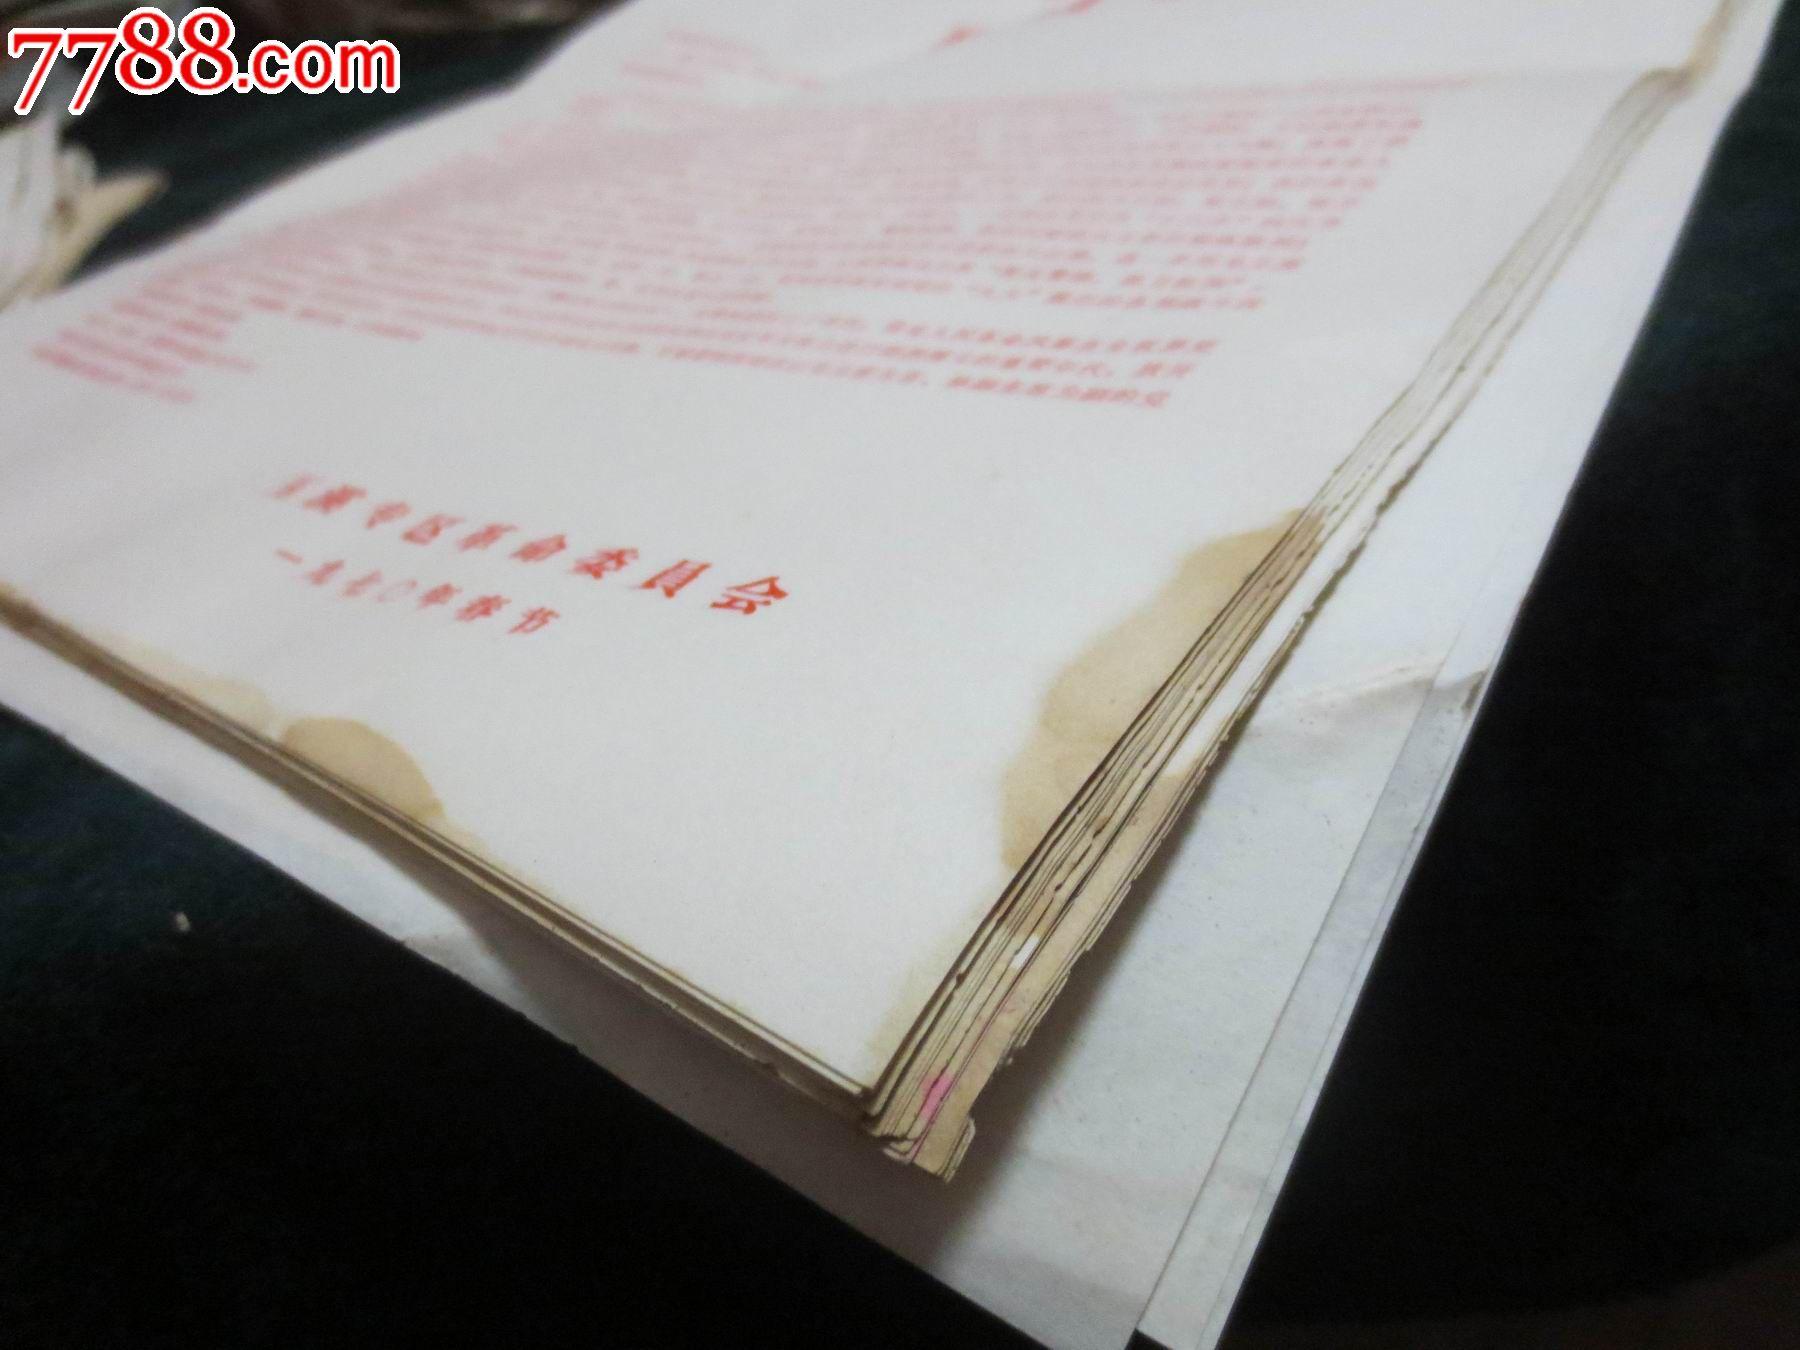 云南通海地震.慰问信.28.张